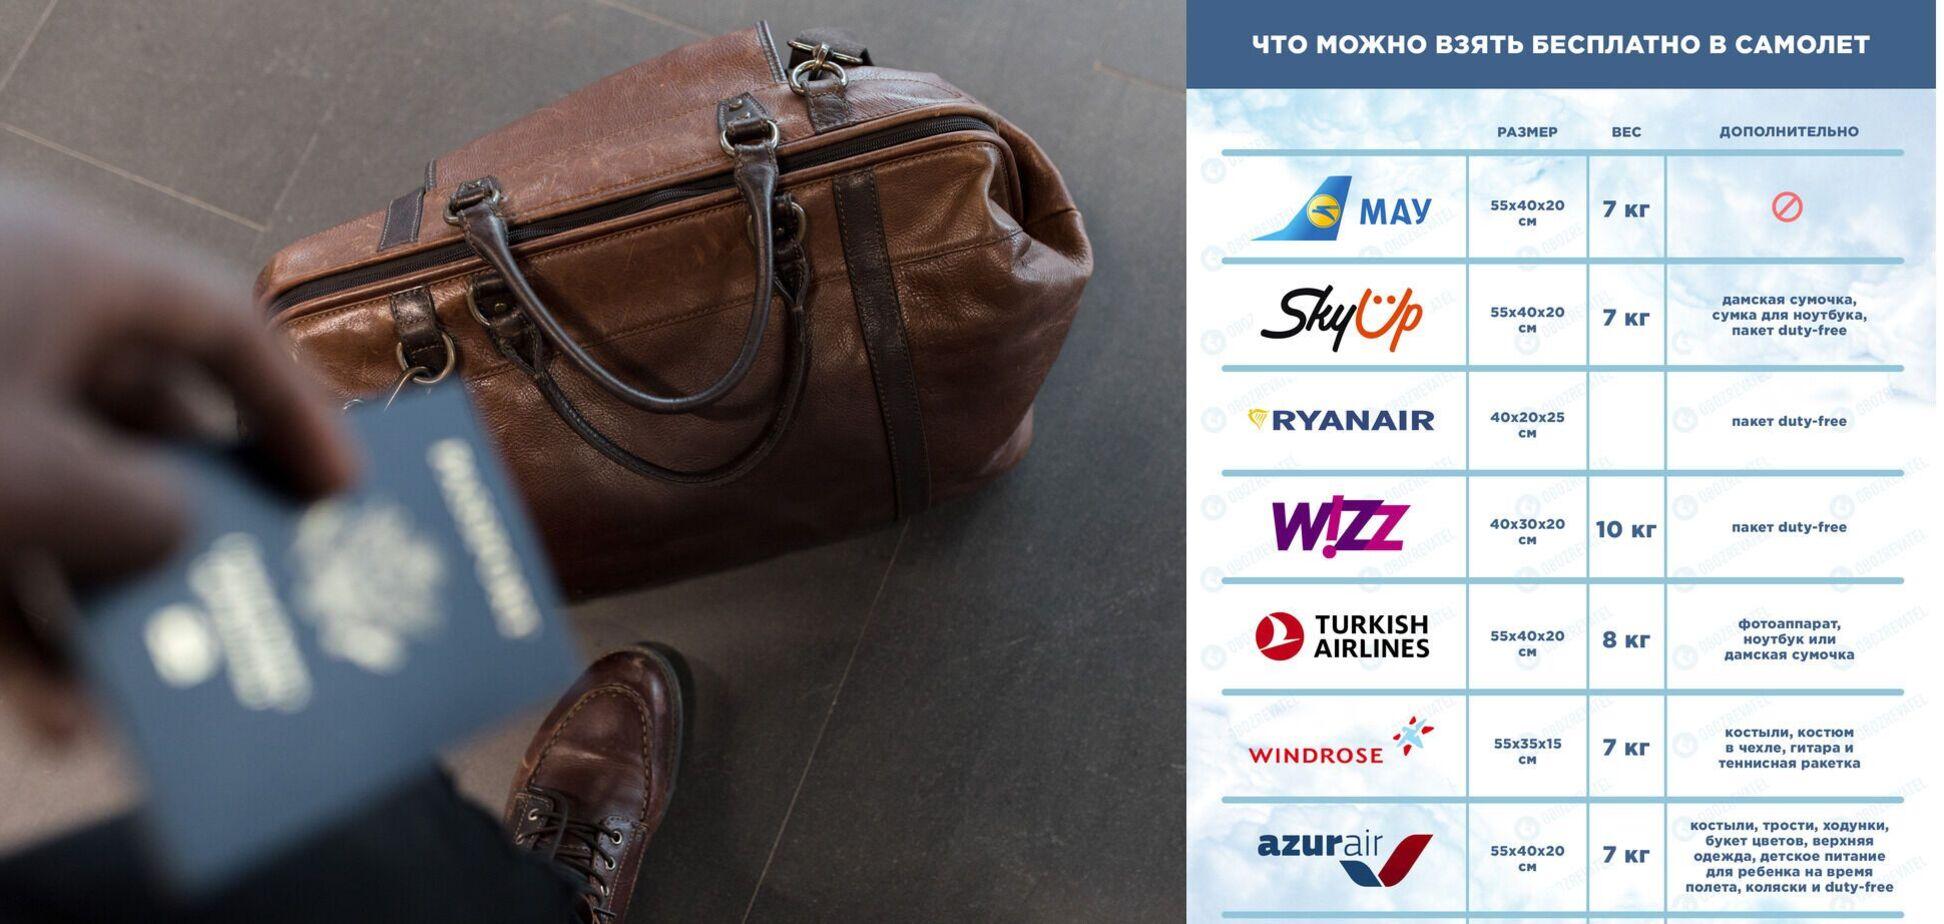 Правила перевозки ручной клади популярных авиаперевозчиков Украины в 2021 году